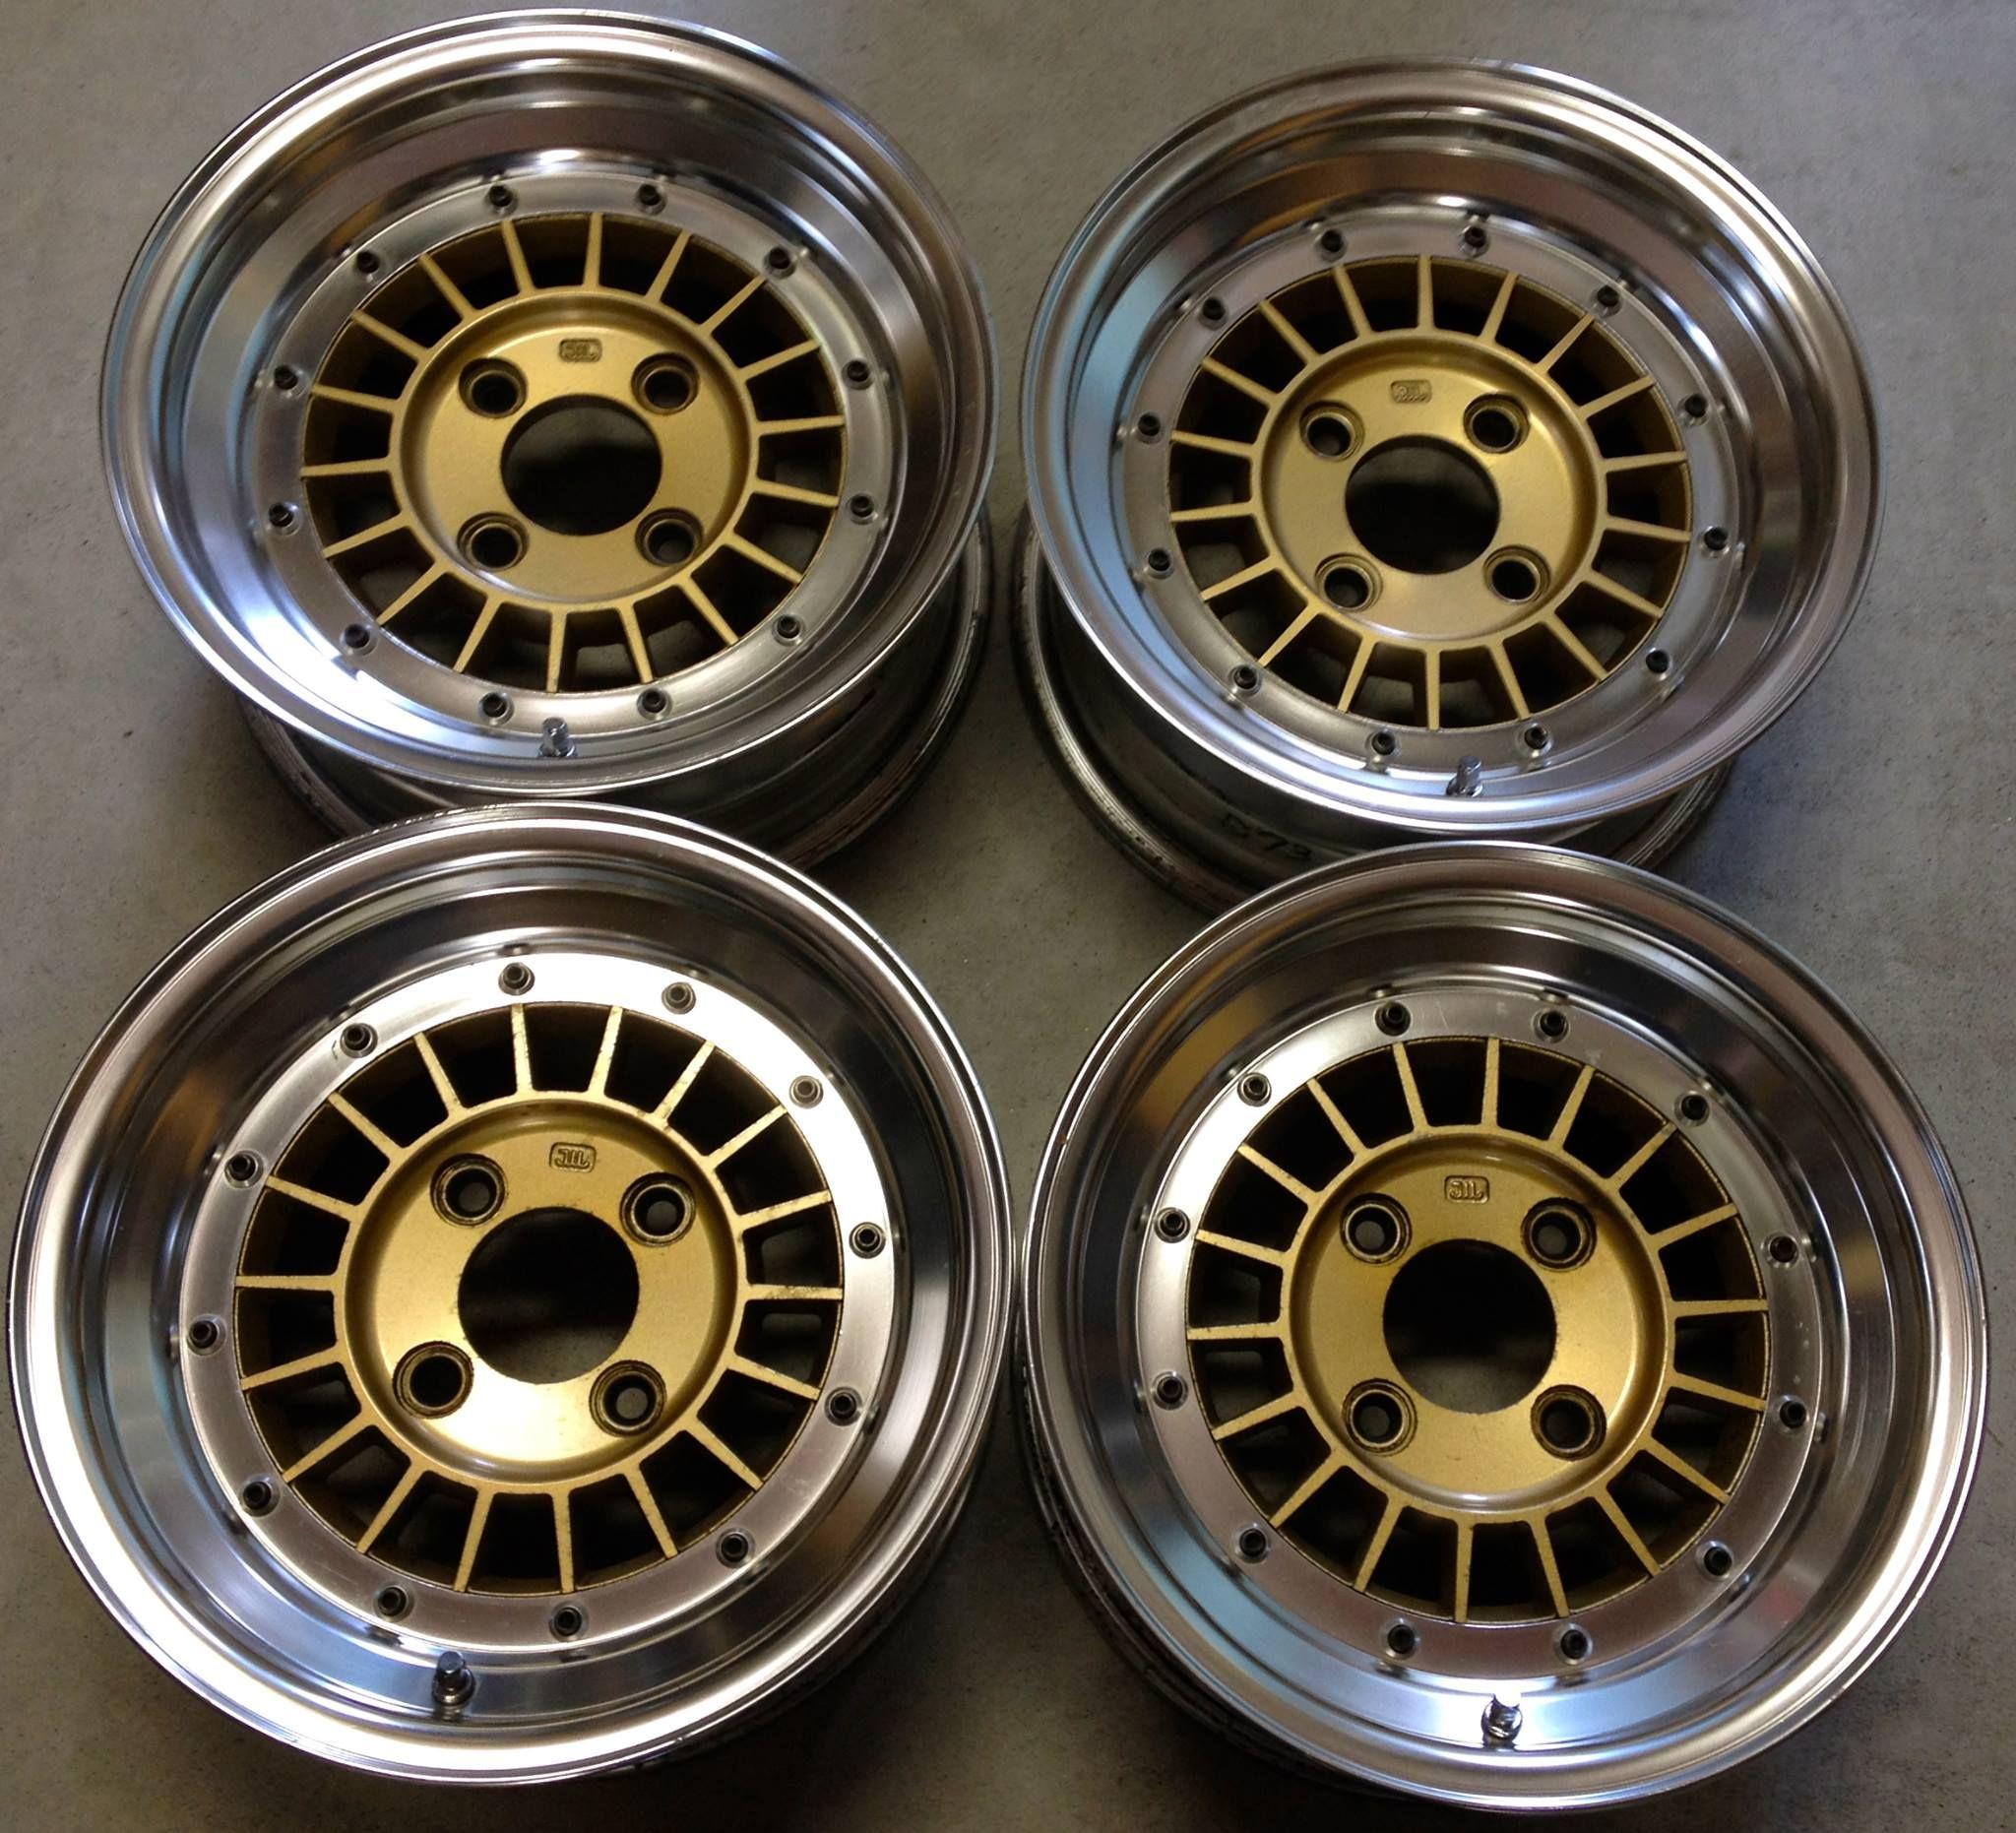 Mazda 3 Factory Rims >> My Enkei/SSR Focus Racing | ᵀᴴᴱ ᵂᴴᴱᴱᴸˢ ᴼᴺ ᵀᴴᴱ ⓒⓐⓡ ᴳᴼ ᴬᴿᴼᵁᴺᴰ & ᴿᴼᵁᴺᴰ......... | Pinterest ...